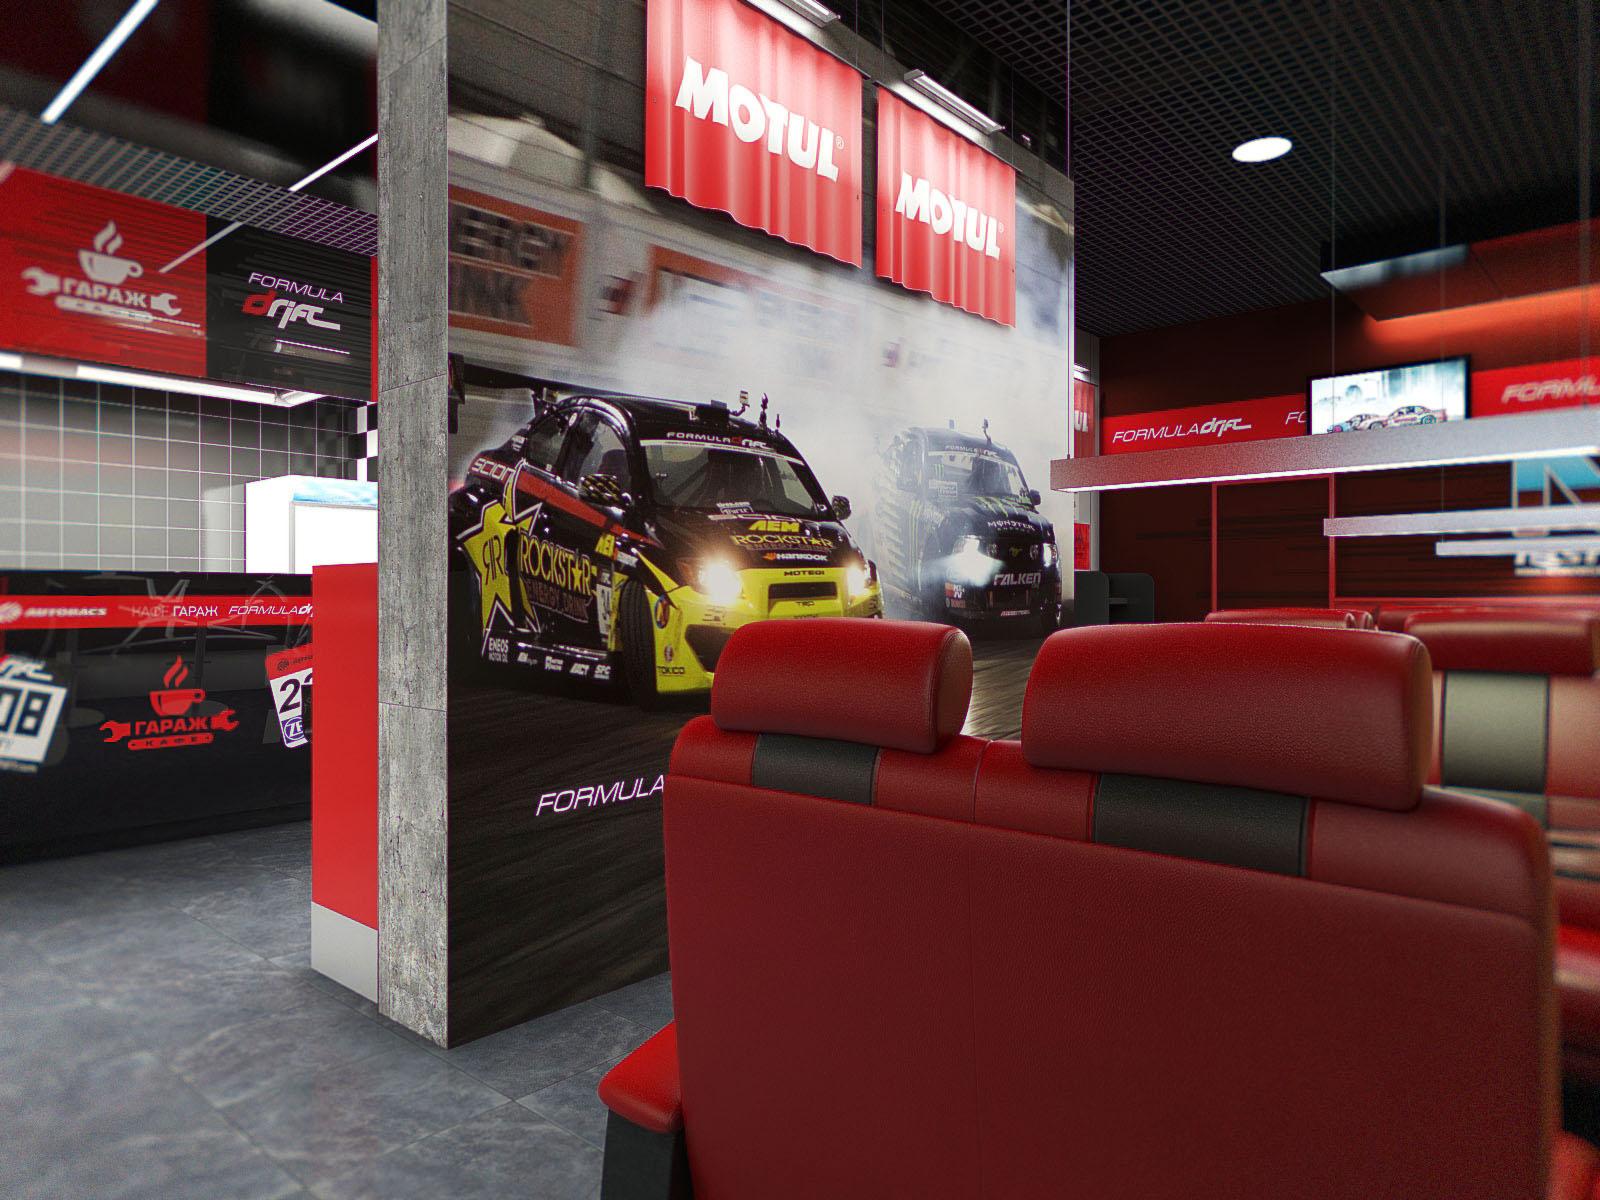 garage_nissan_cam20.jpg